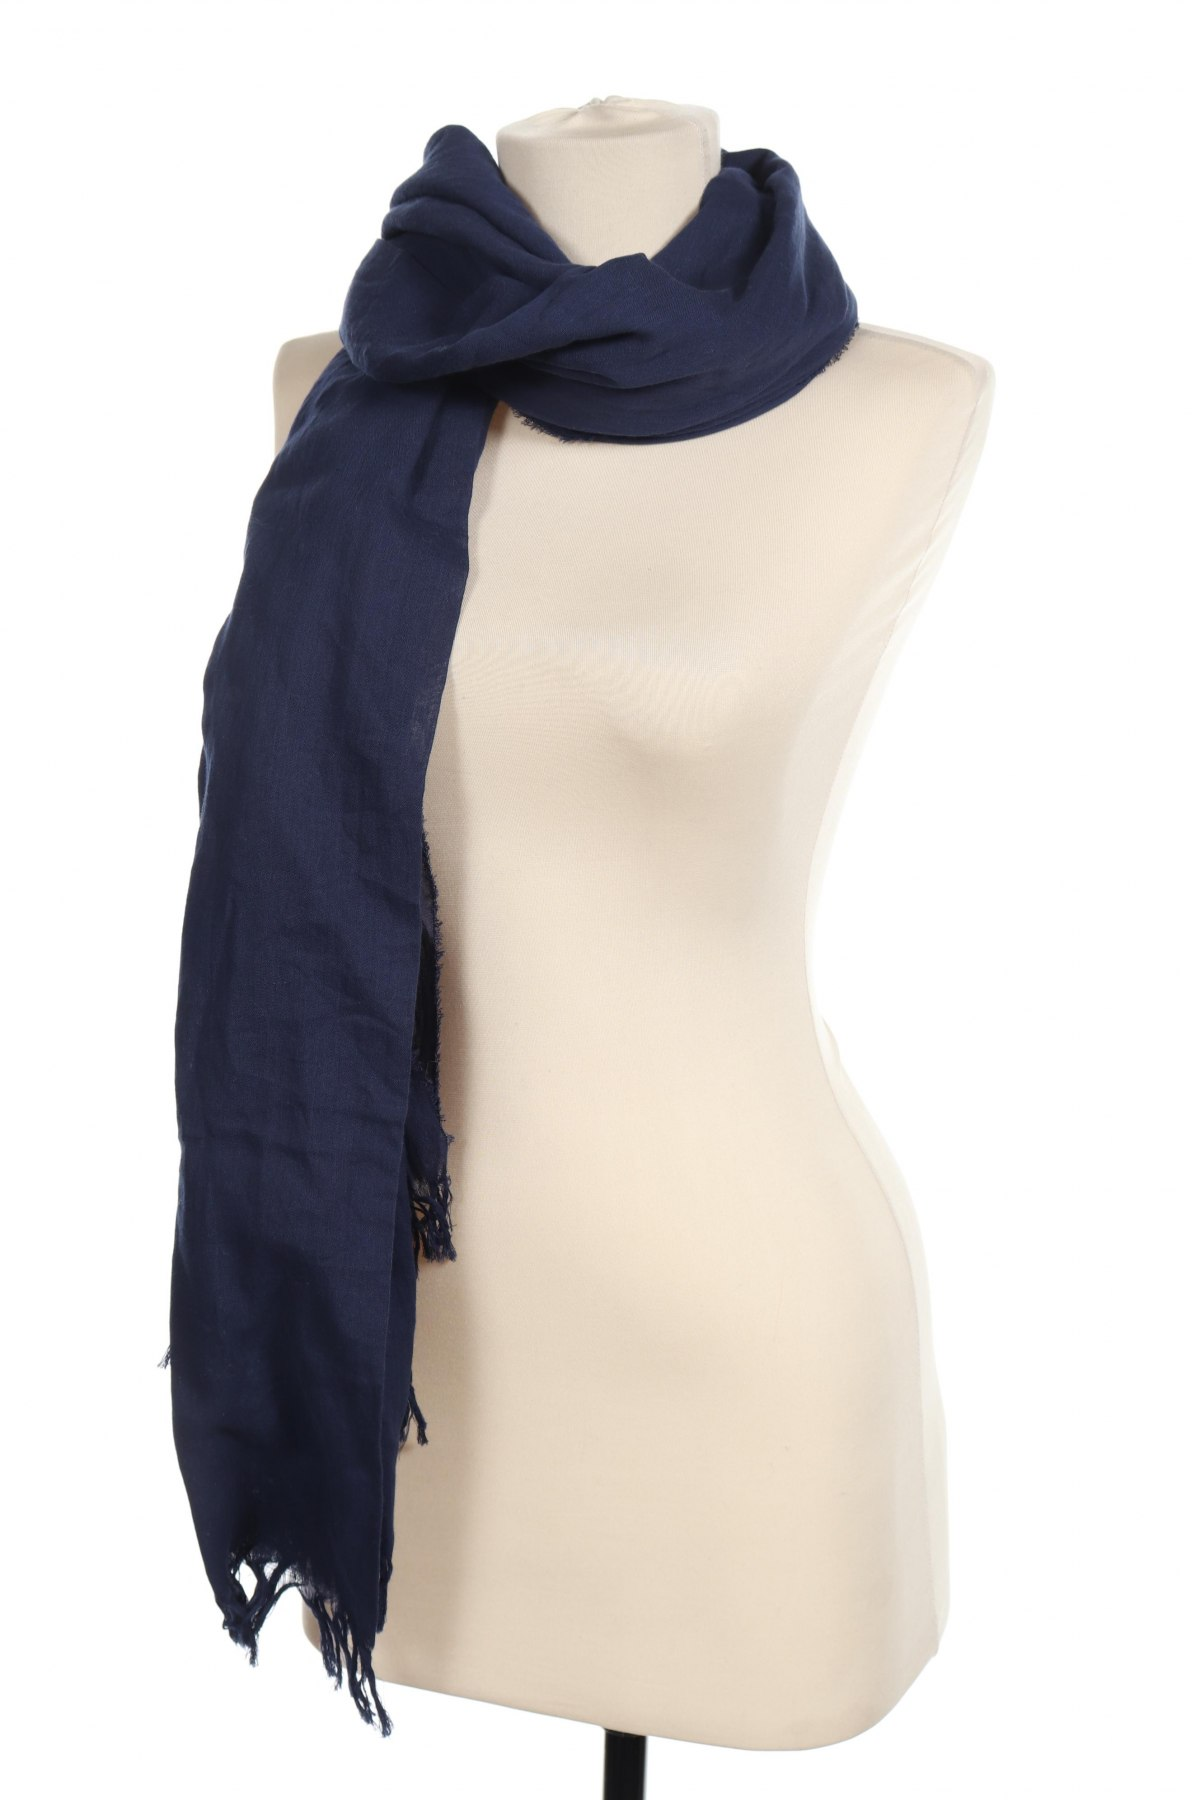 Κασκόλ Christian Berg, Χρώμα Μπλέ, Βαμβάκι, Τιμή 5,77€